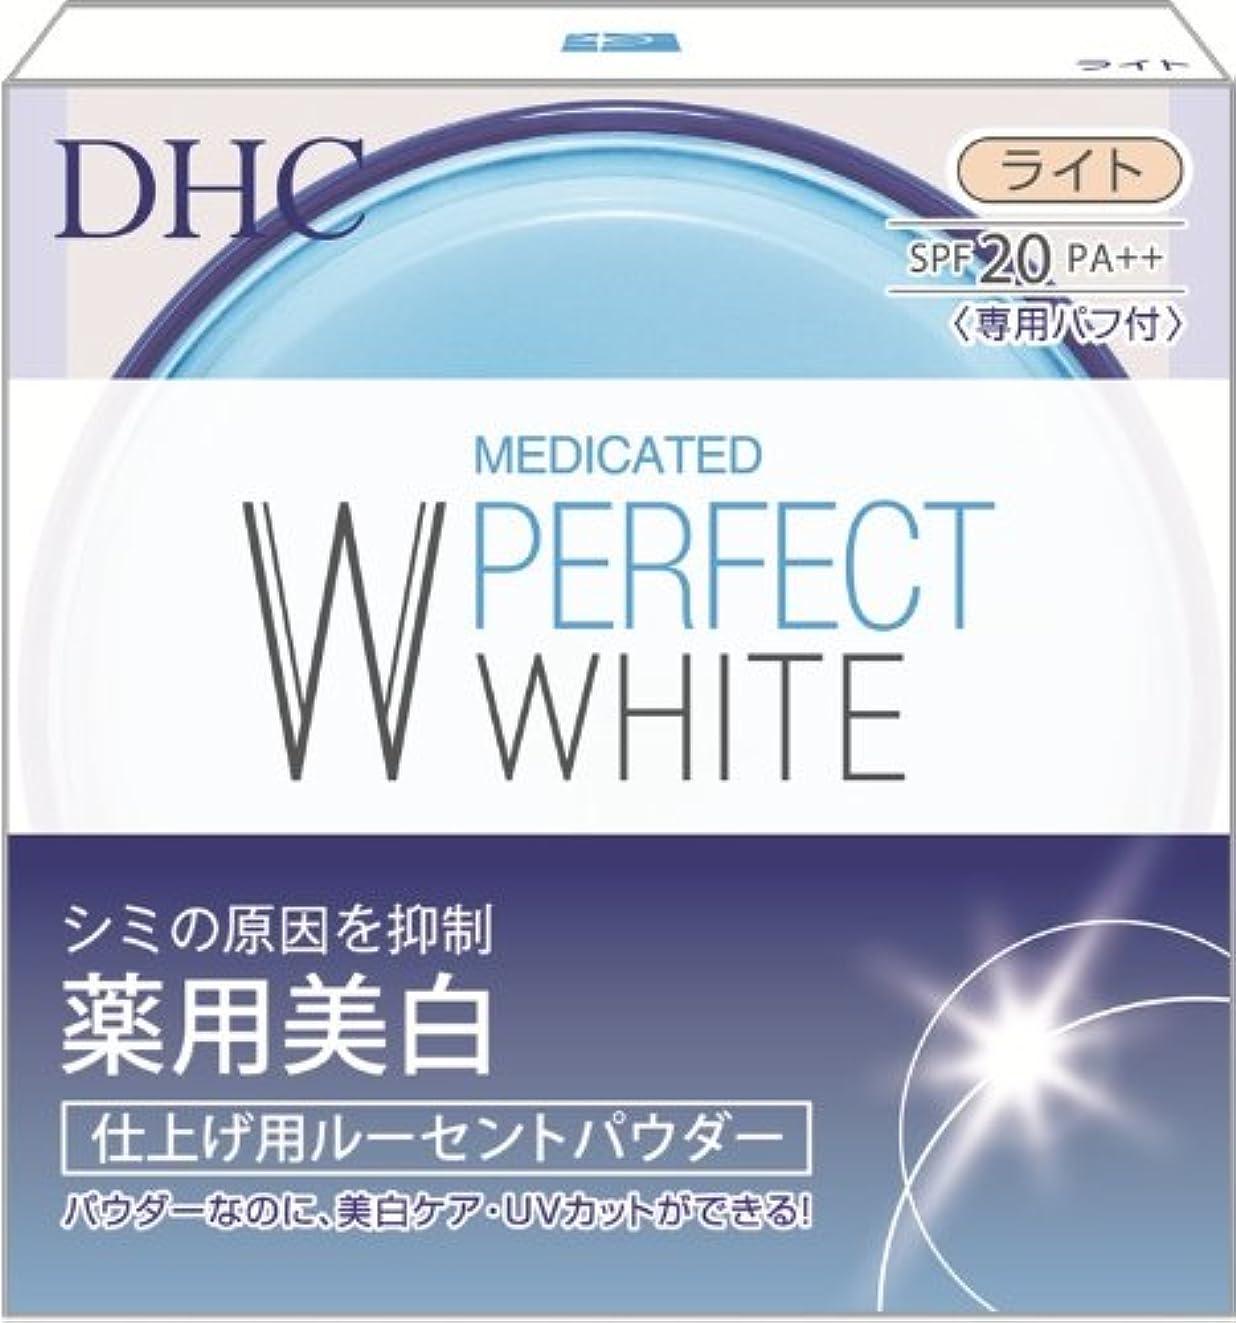 精神襟マガジンDHC 薬用PWルーセントパウダーライト8g